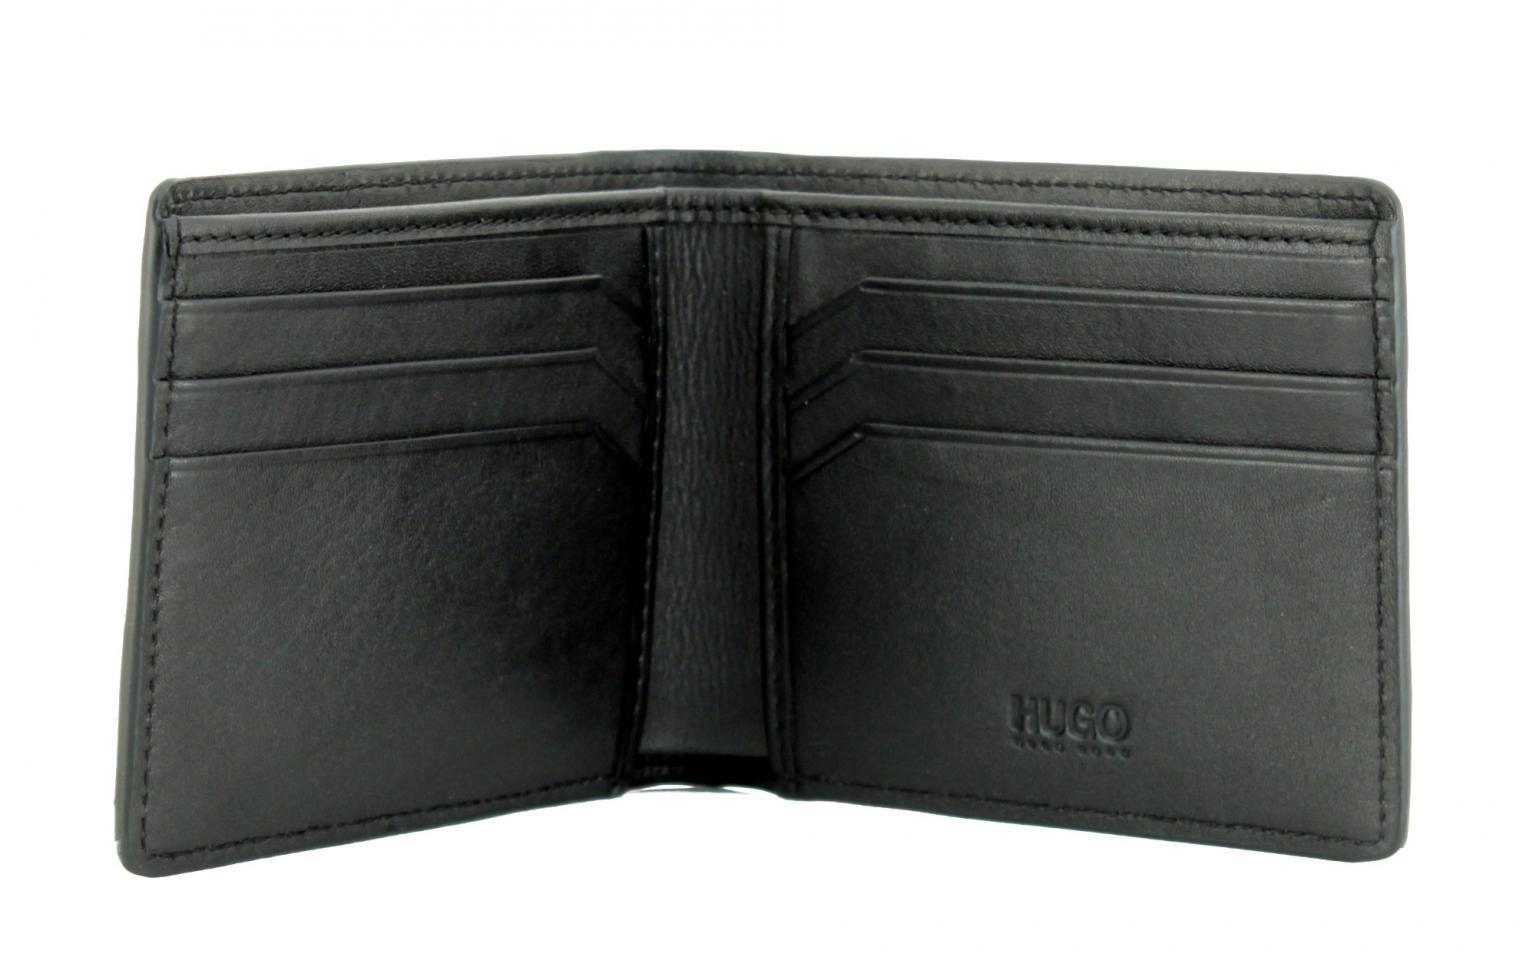 Scheintasche Hugo Boss Victorian LW_6 cc schwarz weiß